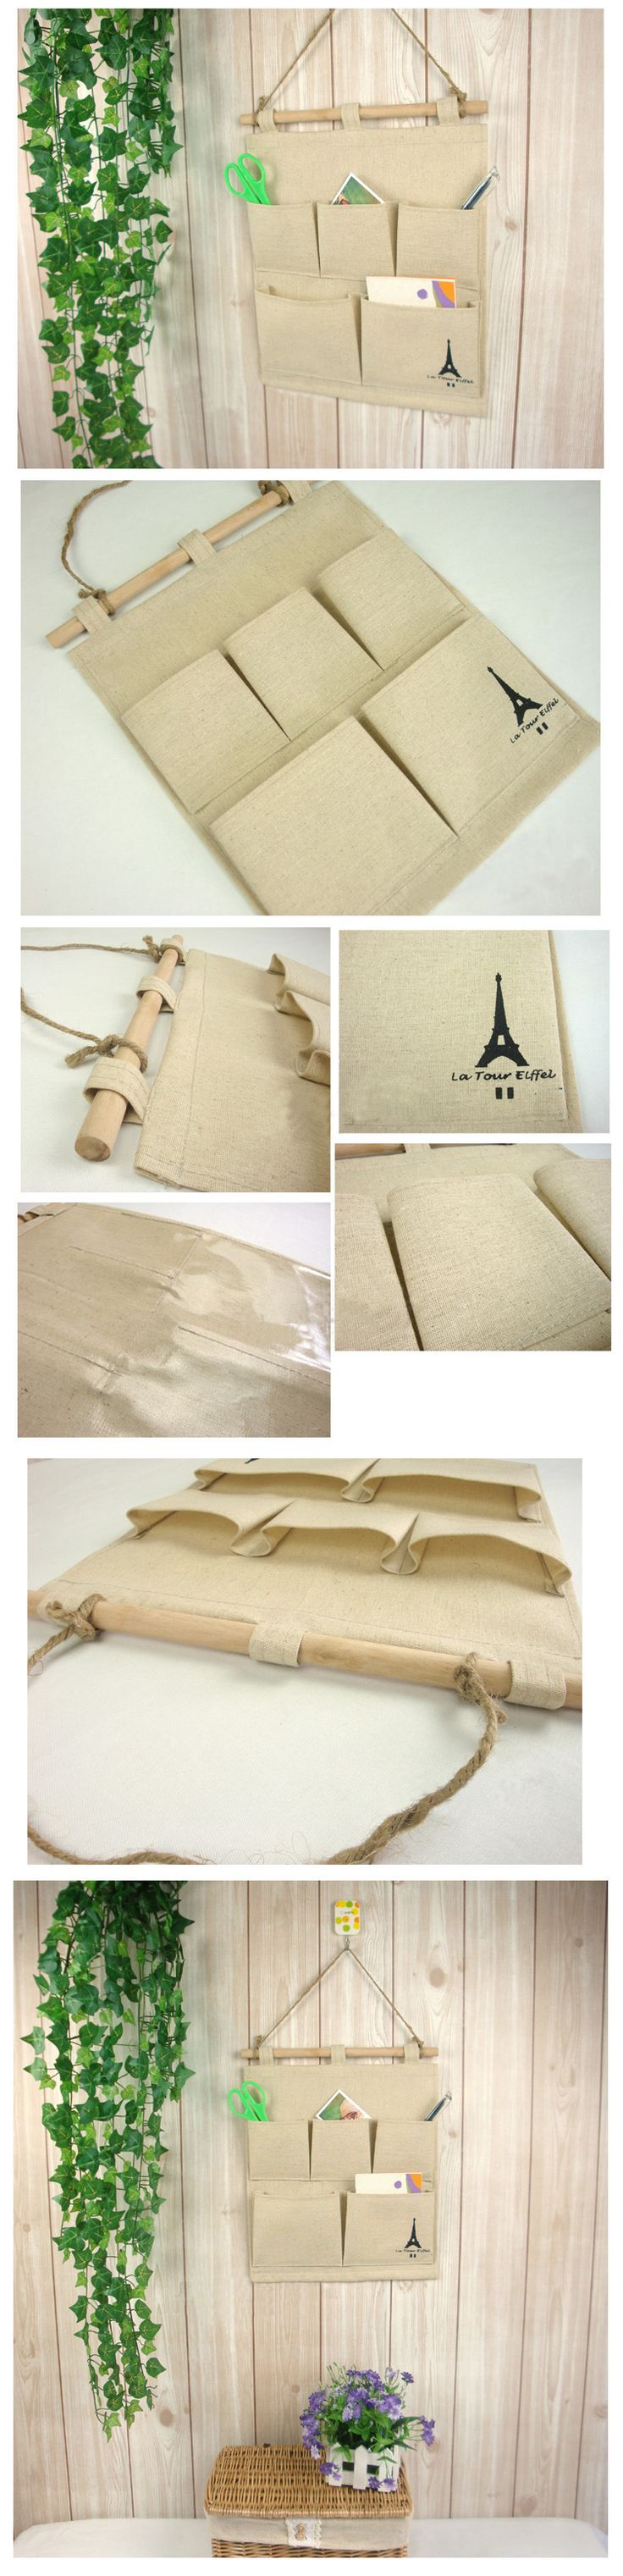 Zakka япония стиль натуральный лен хлопок башня шаблон в комплекте 5 карманы висит сумка многослойная ткань разное хранения сумки купить на AliExpress